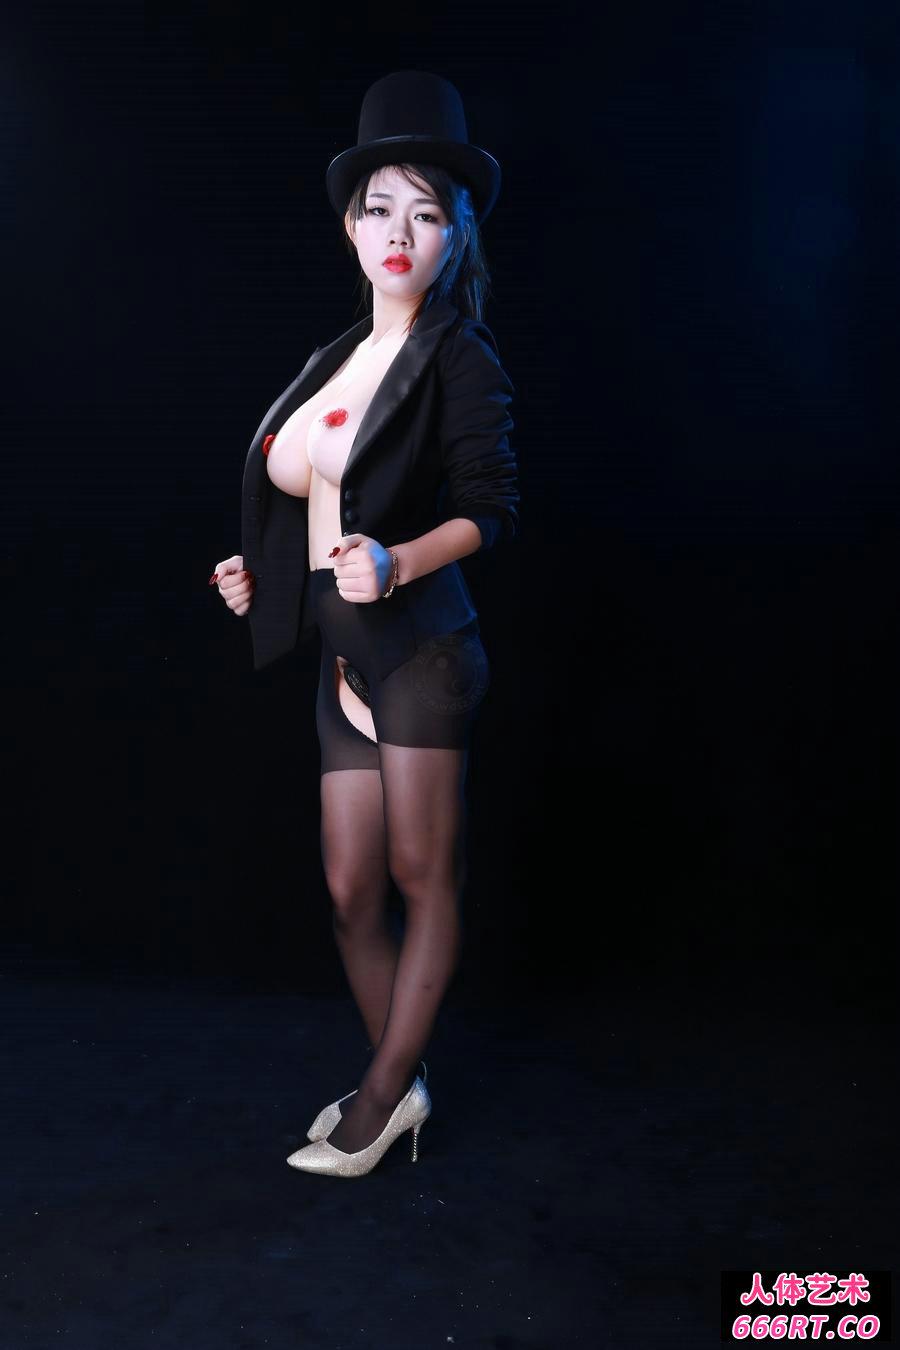 波美人靓的美模阿波棚拍美体艺术